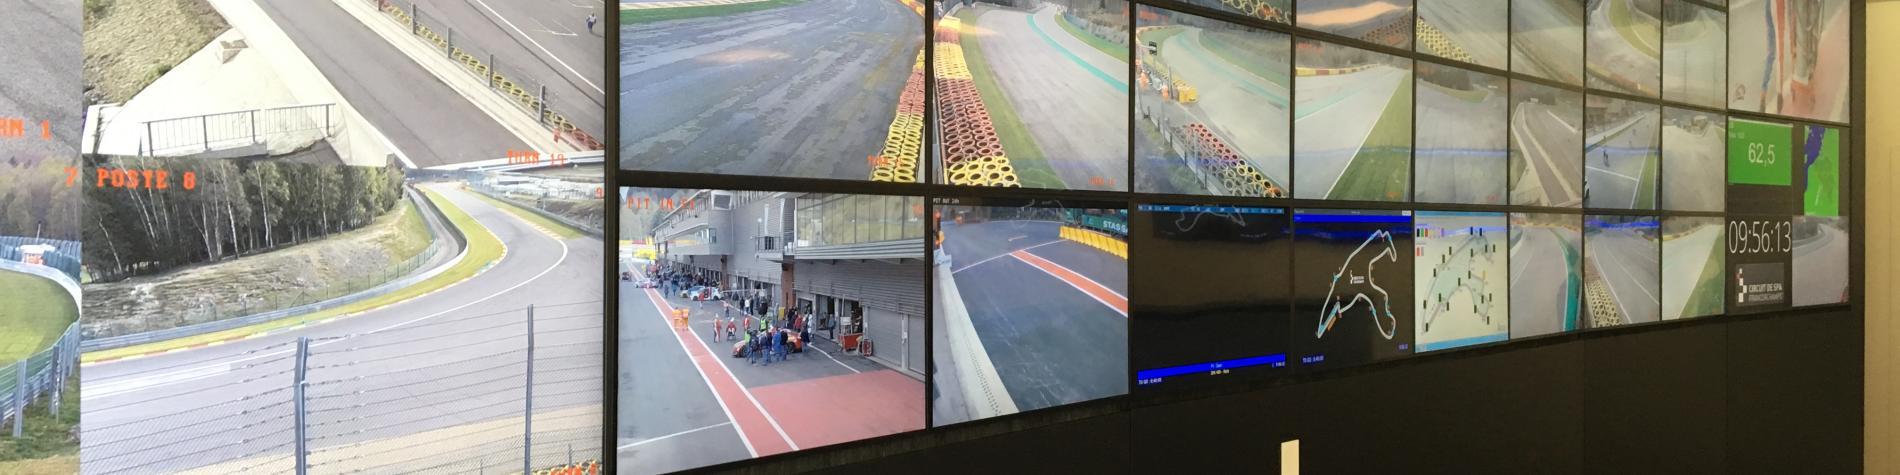 Salle de contrôle avec plusieurs télévisions à Spa-Francorchamps en Wallonie